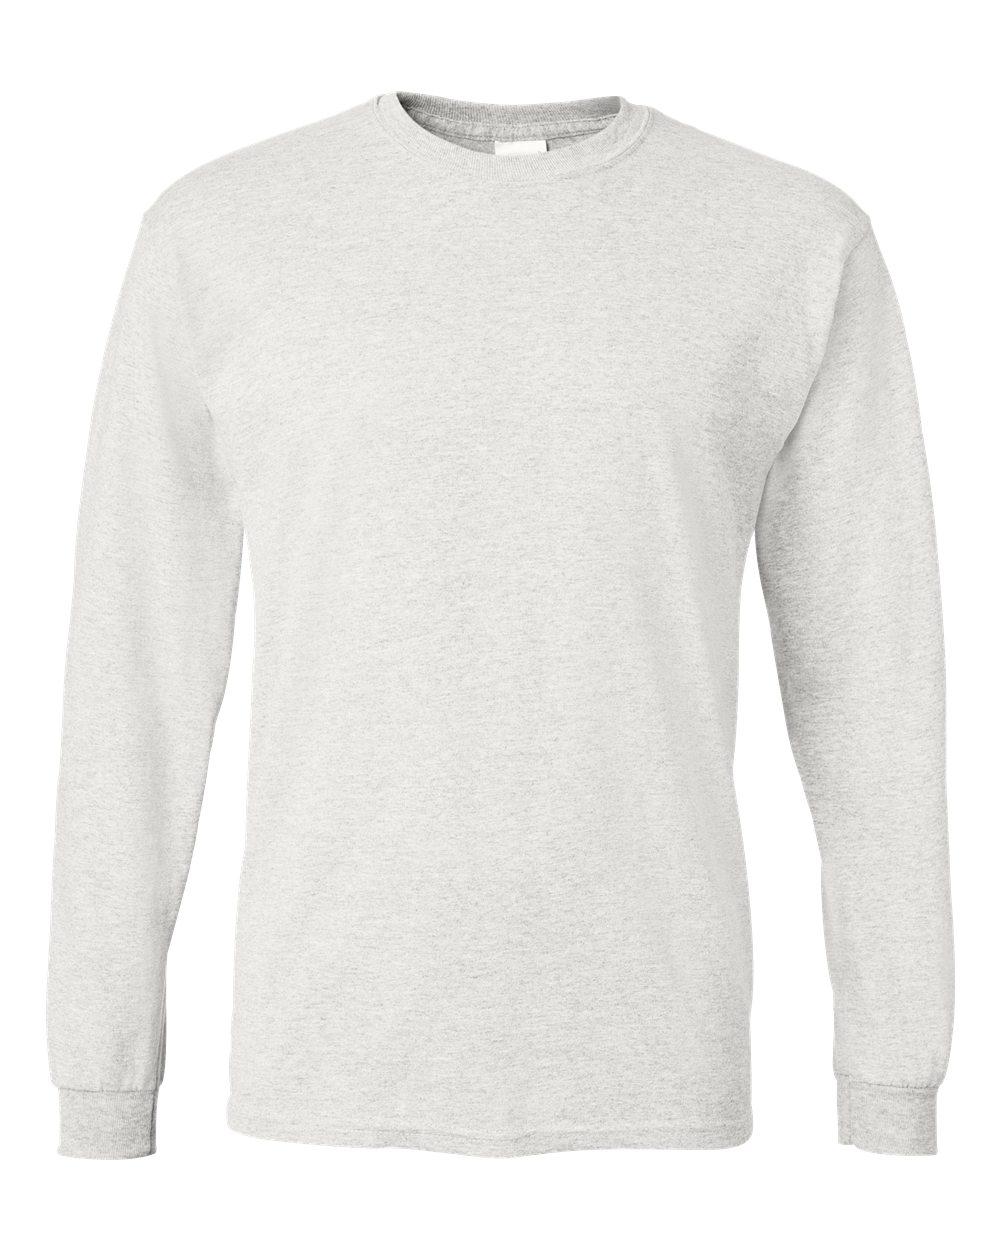 Gildan-Mens-Blank-DryBlend-50-50-Cotton-Long-Sleeve-T-Shirt-8400-up-to-3XL miniature 6